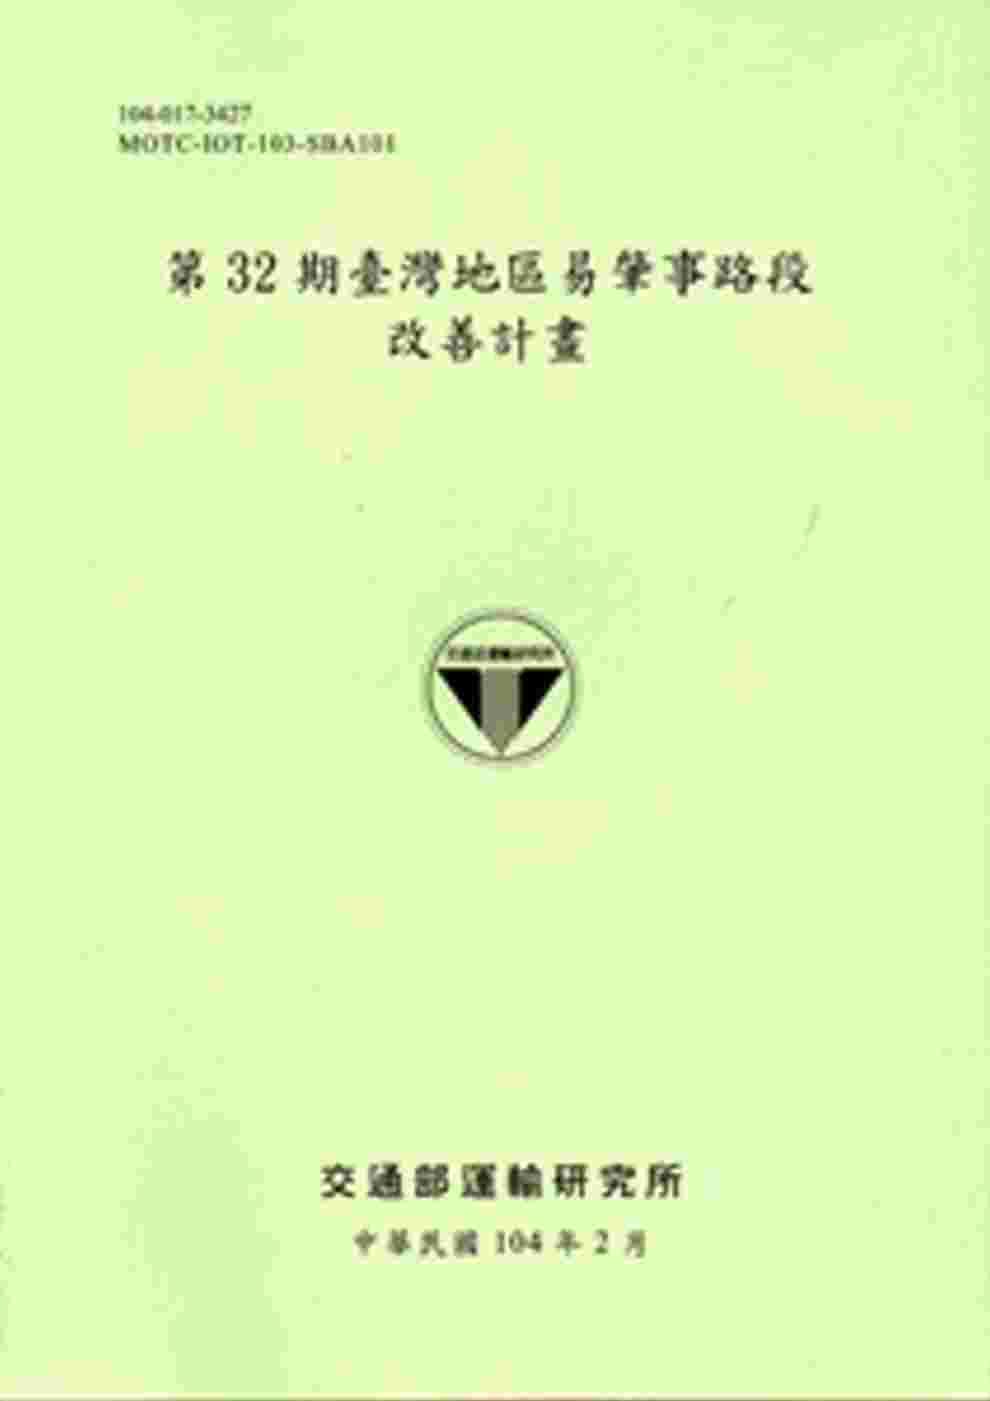 第32期臺灣地區易肇事路段改善計畫[104淺綠]